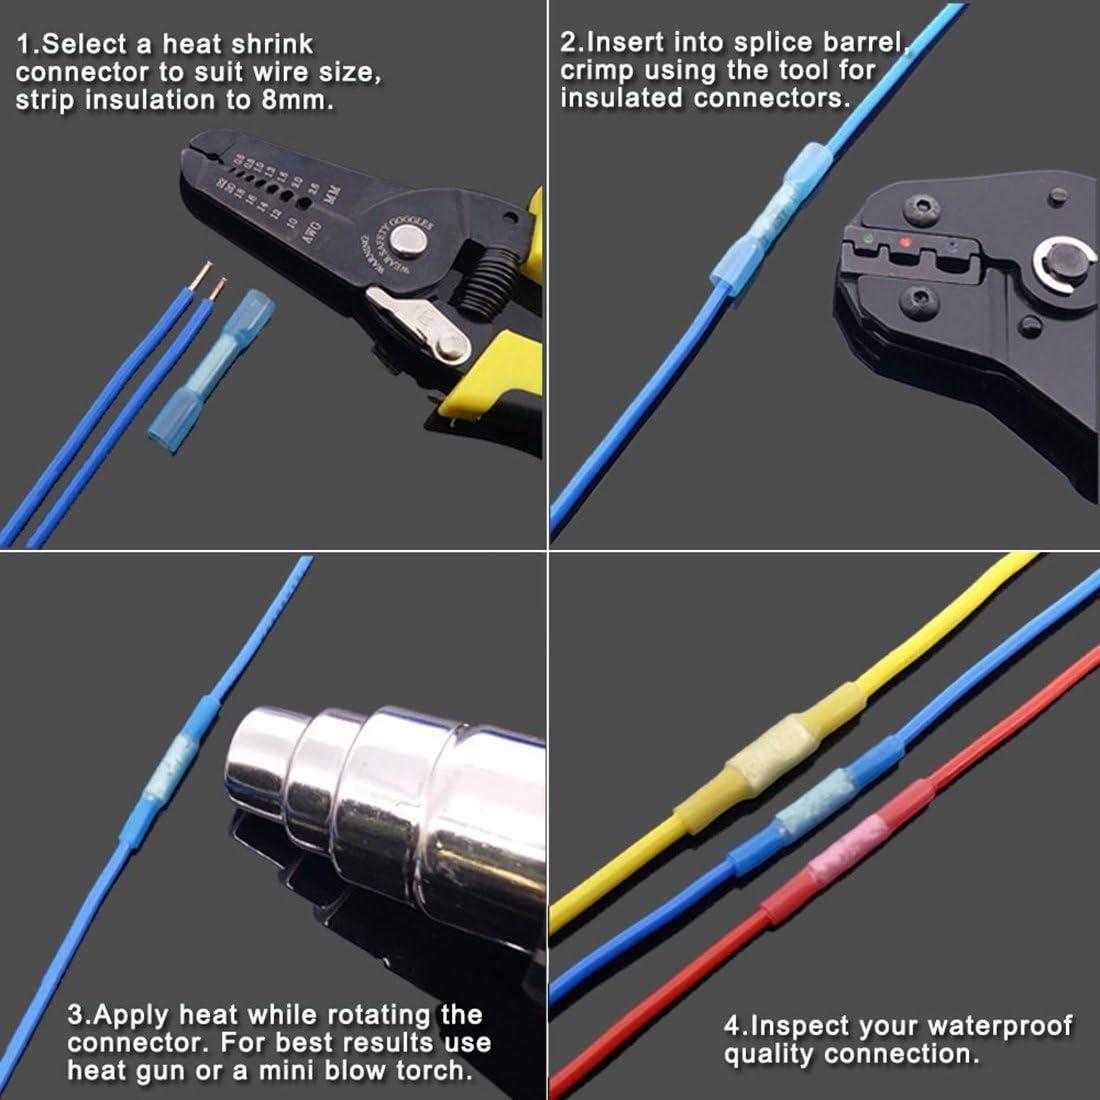 Globalflashdeal 270 PCS Kit de connecteur de fil thermoretractable Anneau de sertissage isole electrique Pelle bout a bout Ensemble de terminaux dautomobiles marins impermeables